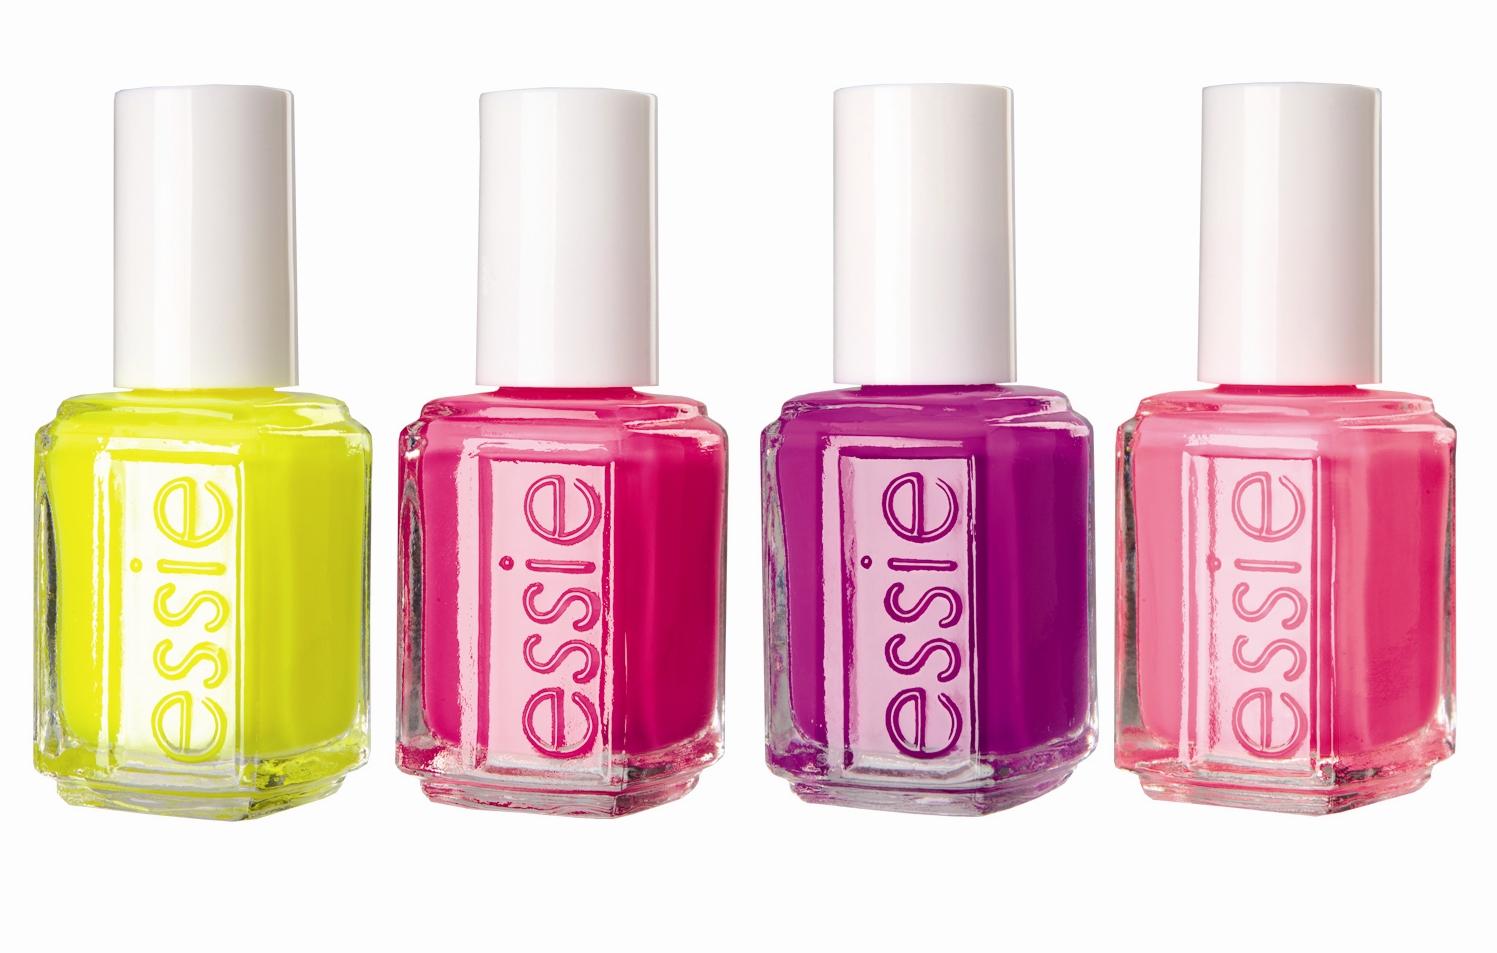 essie Summer 2009 Neon Collection - Snob Essentials